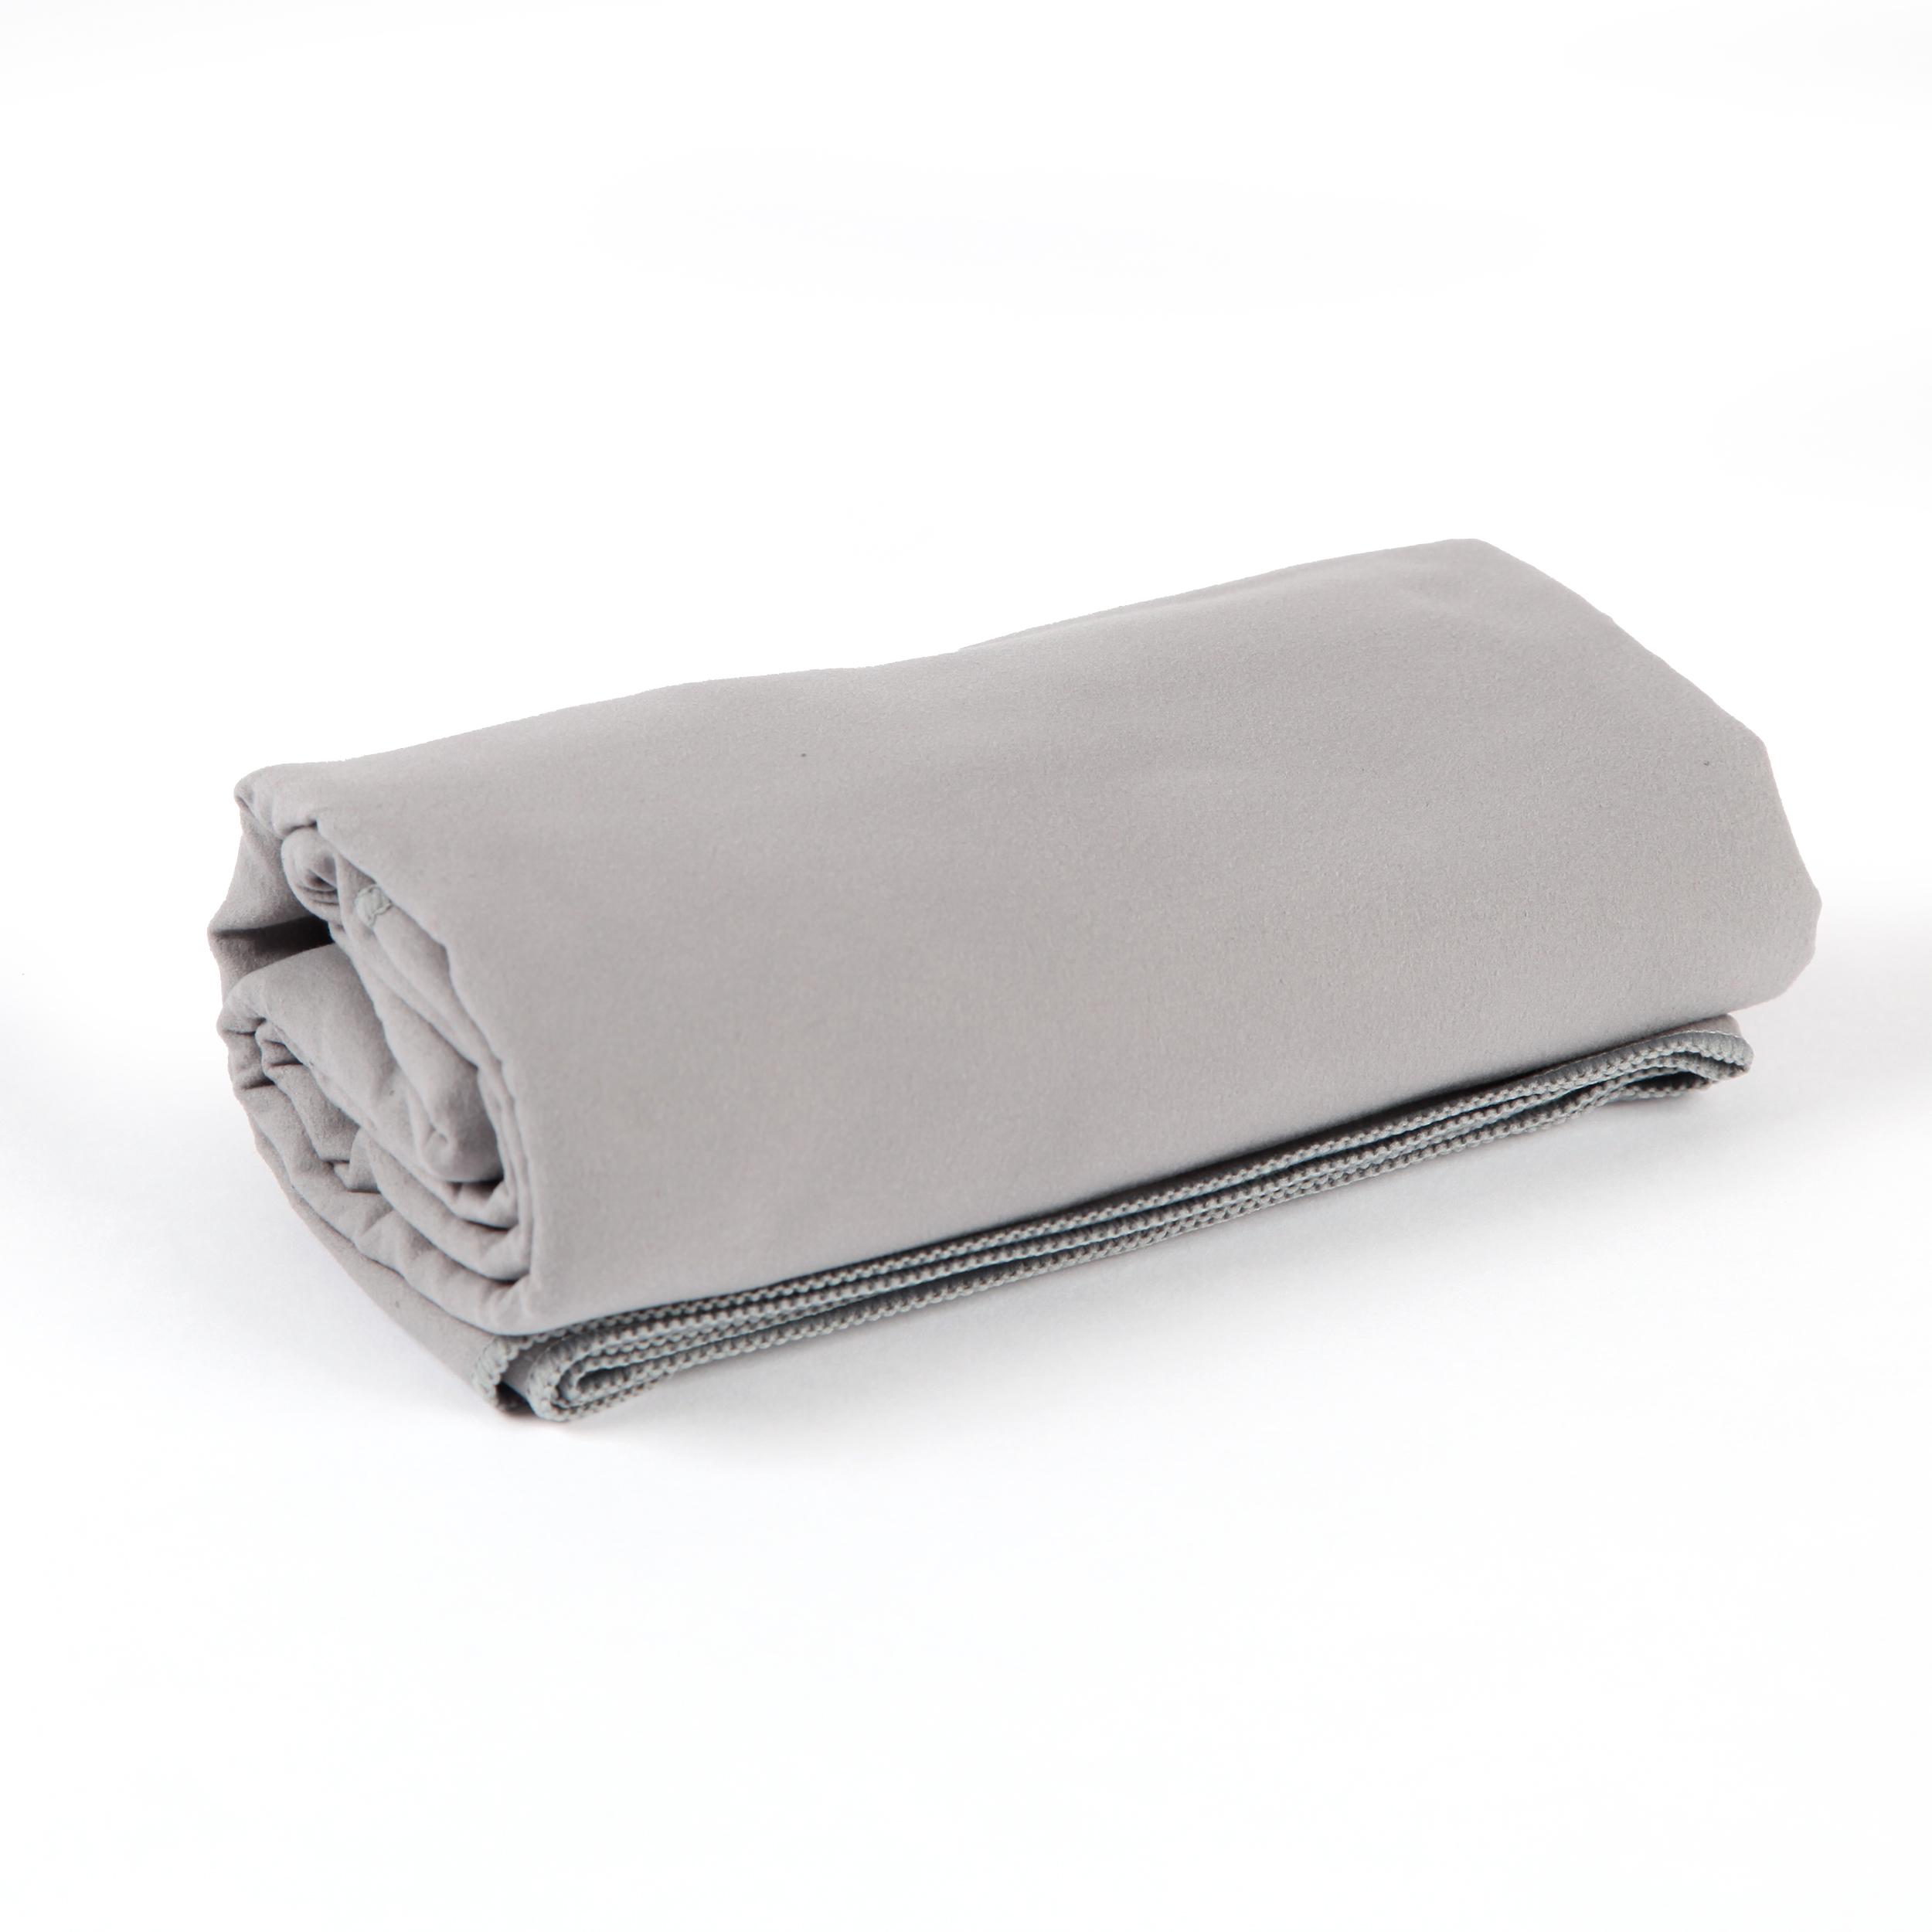 Ocean 5 Mega Dry Handtuch grey